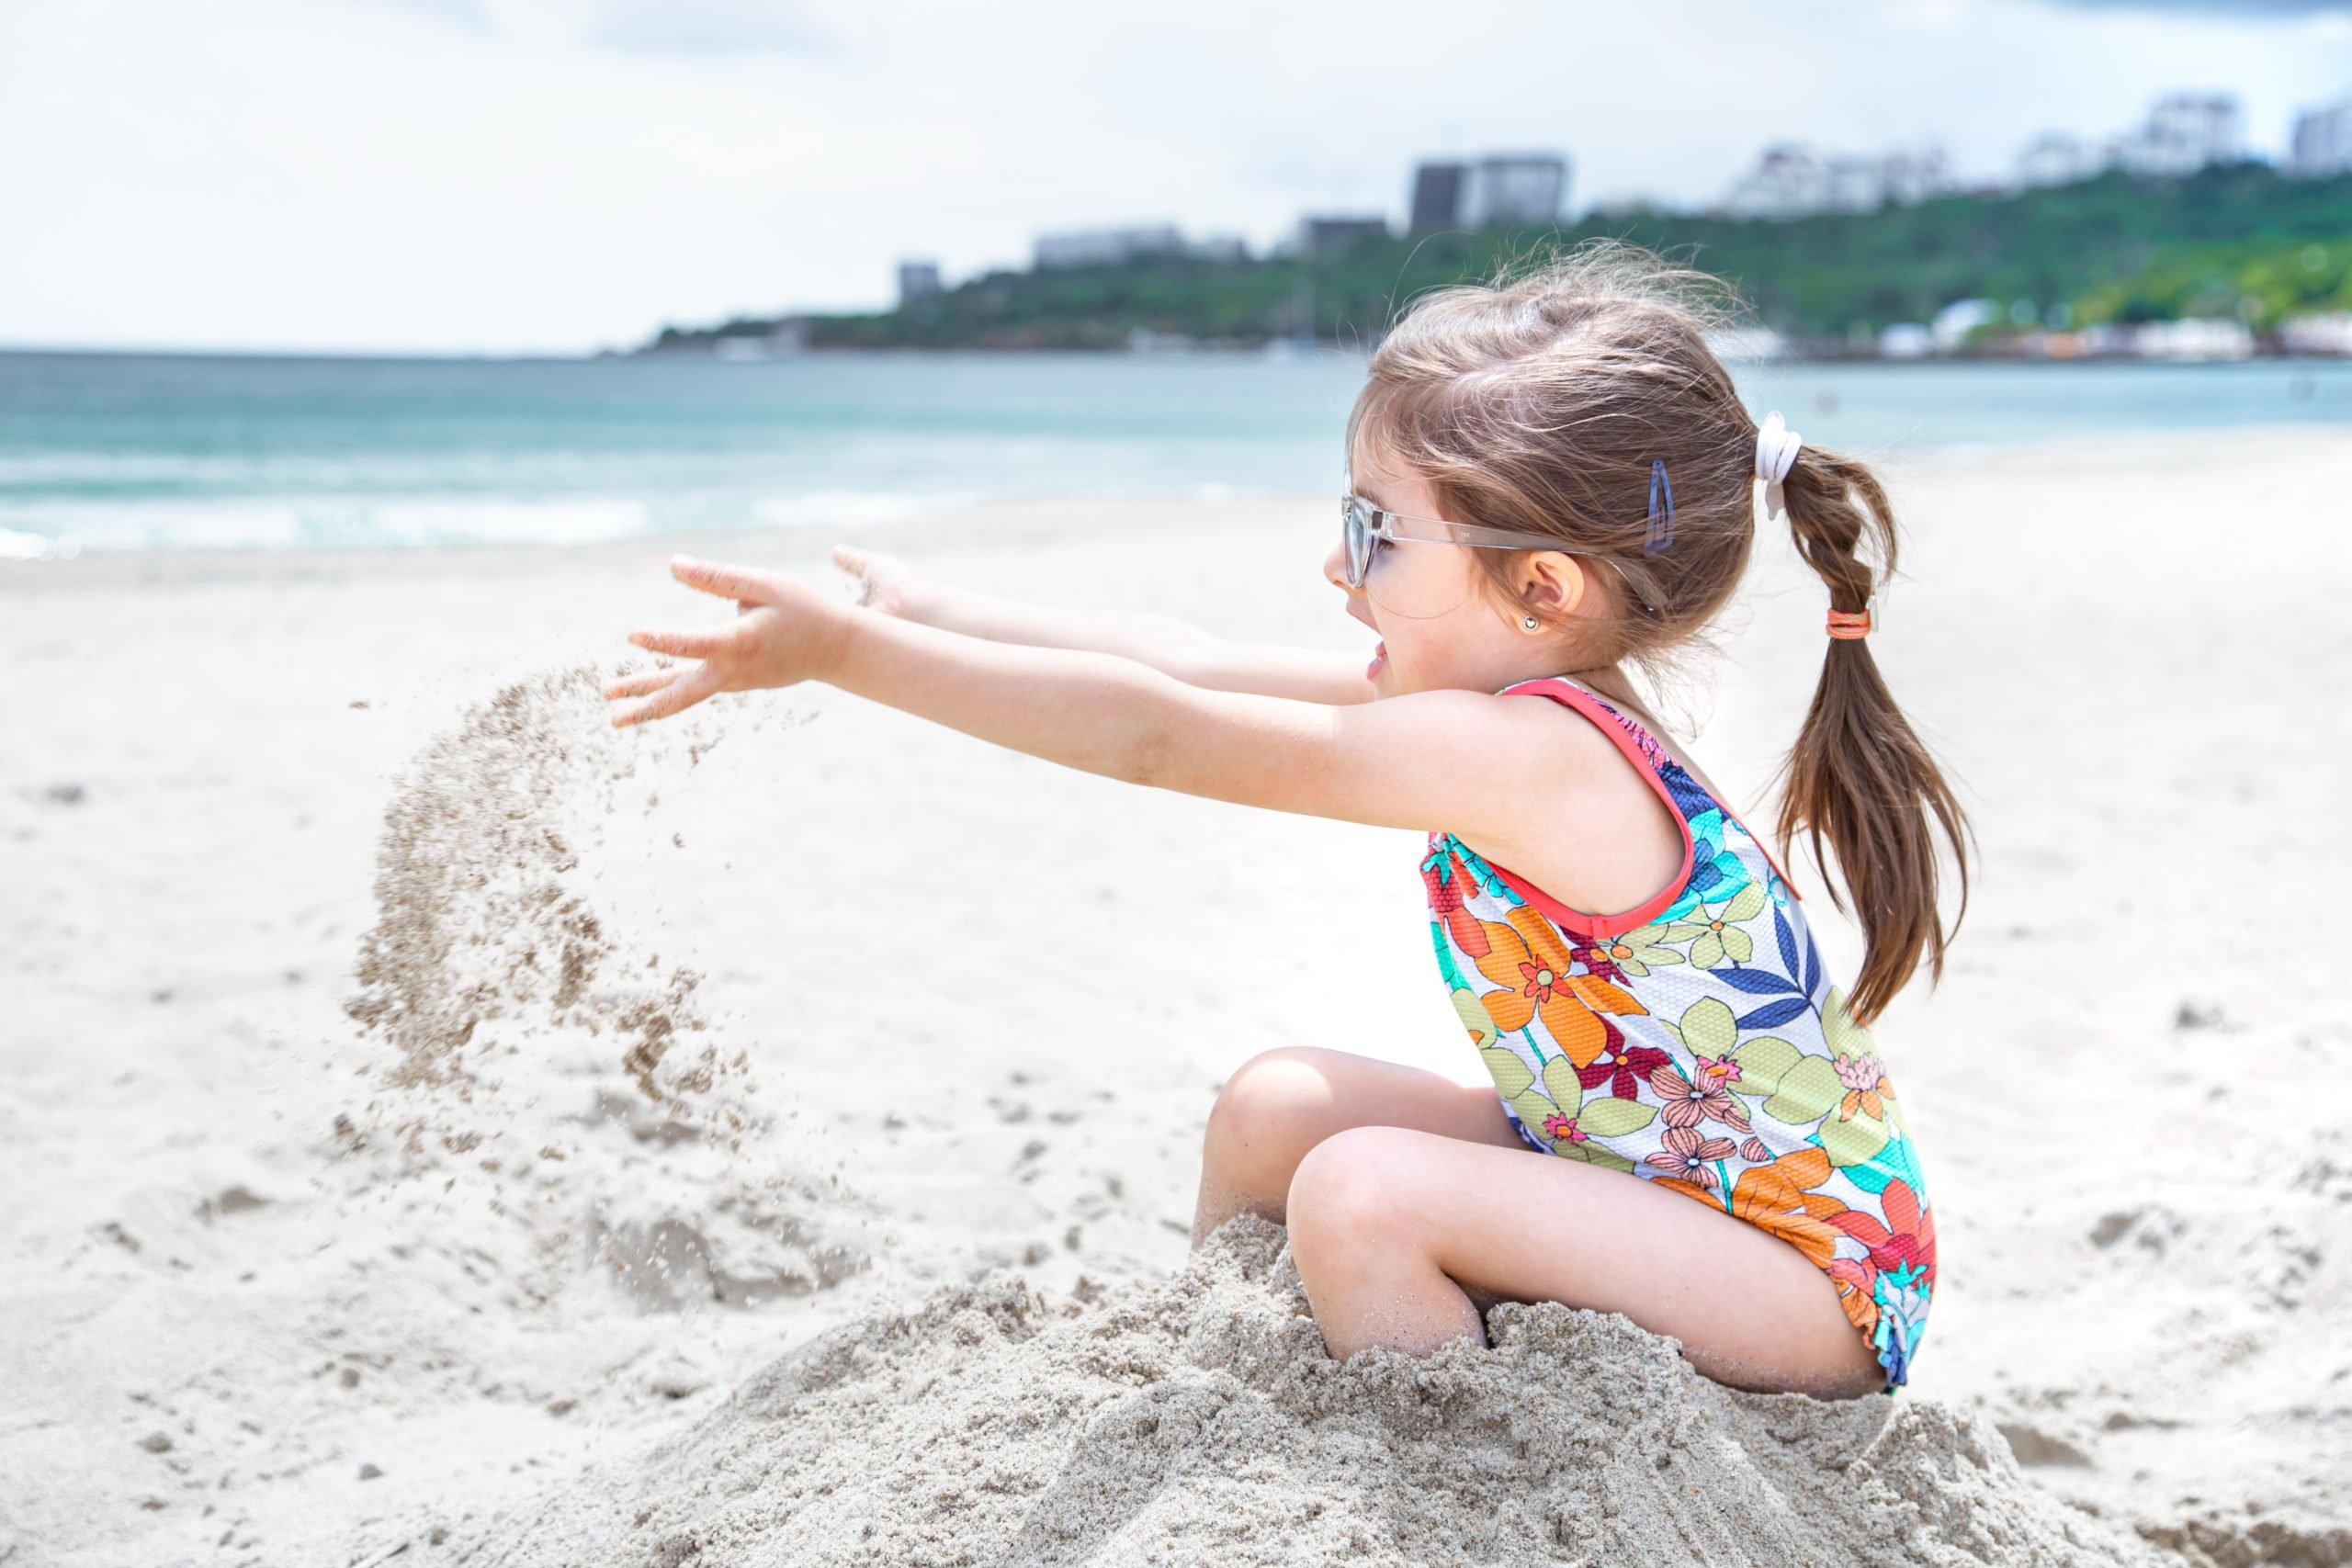 W co się bawić z dzieckiem na plaży. Pomysły na zabawy